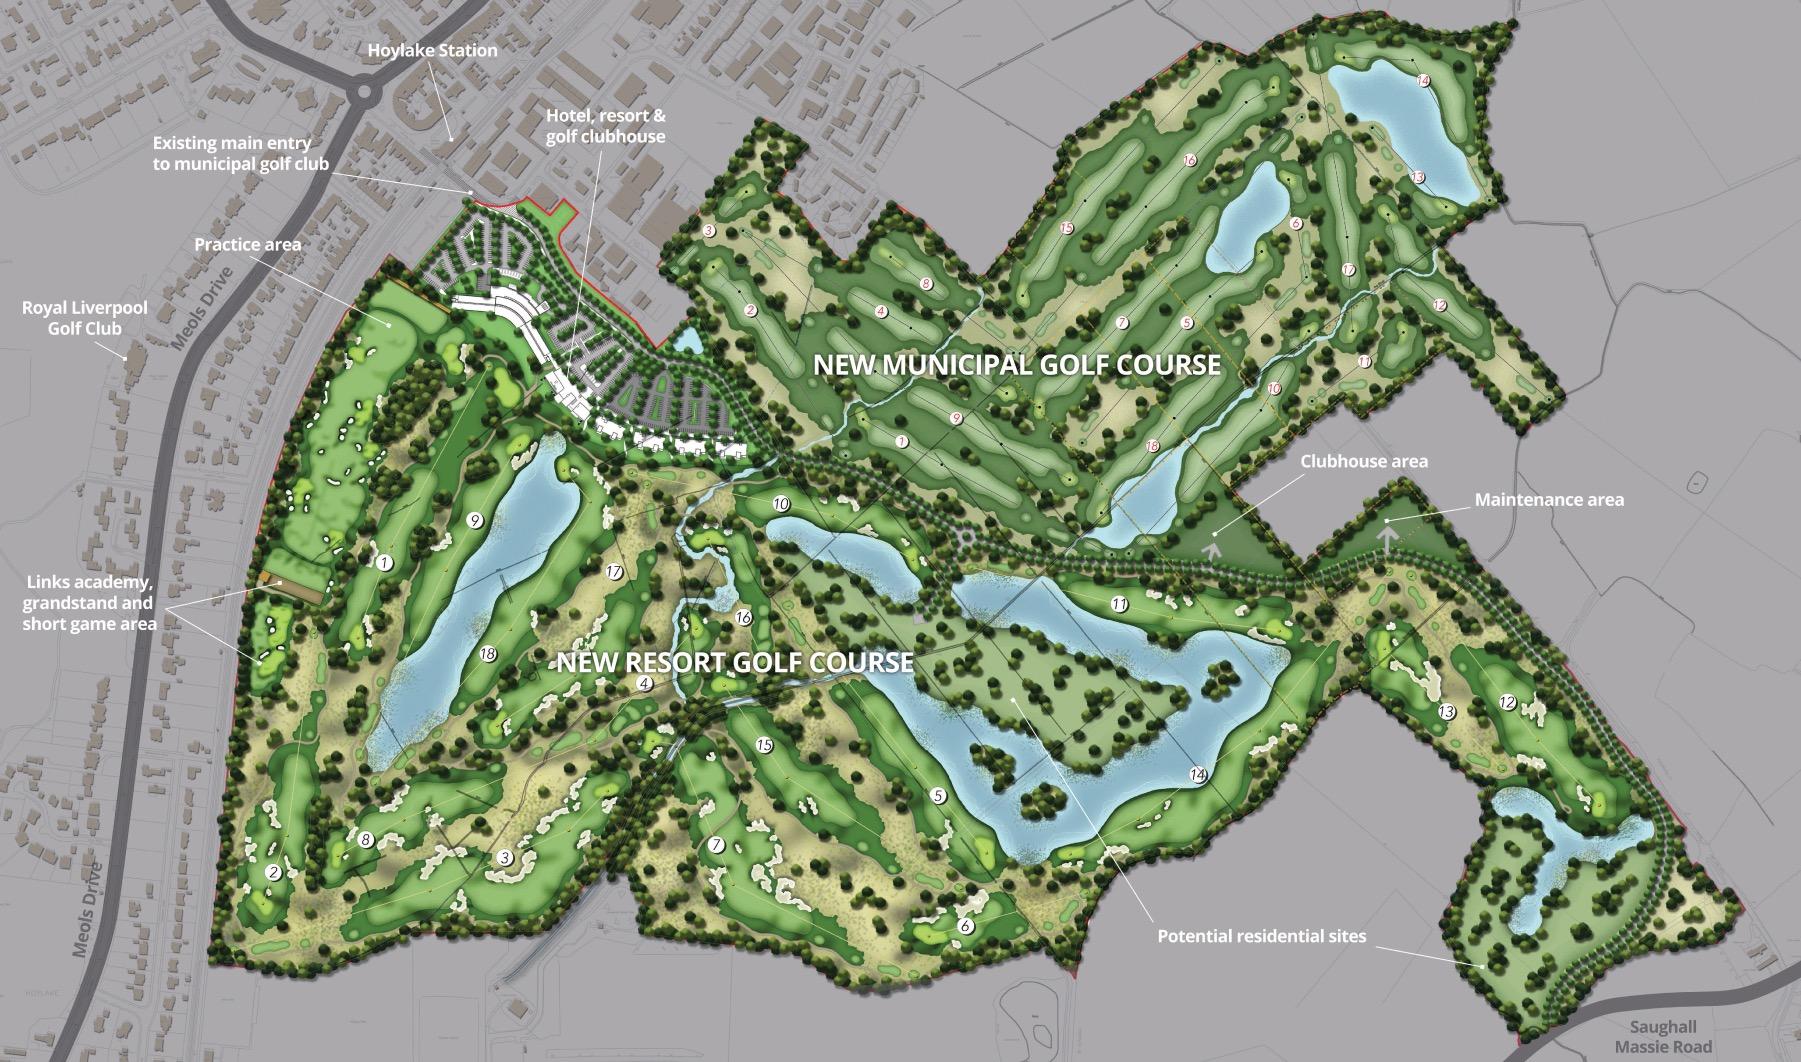 Golf resort proposals plan